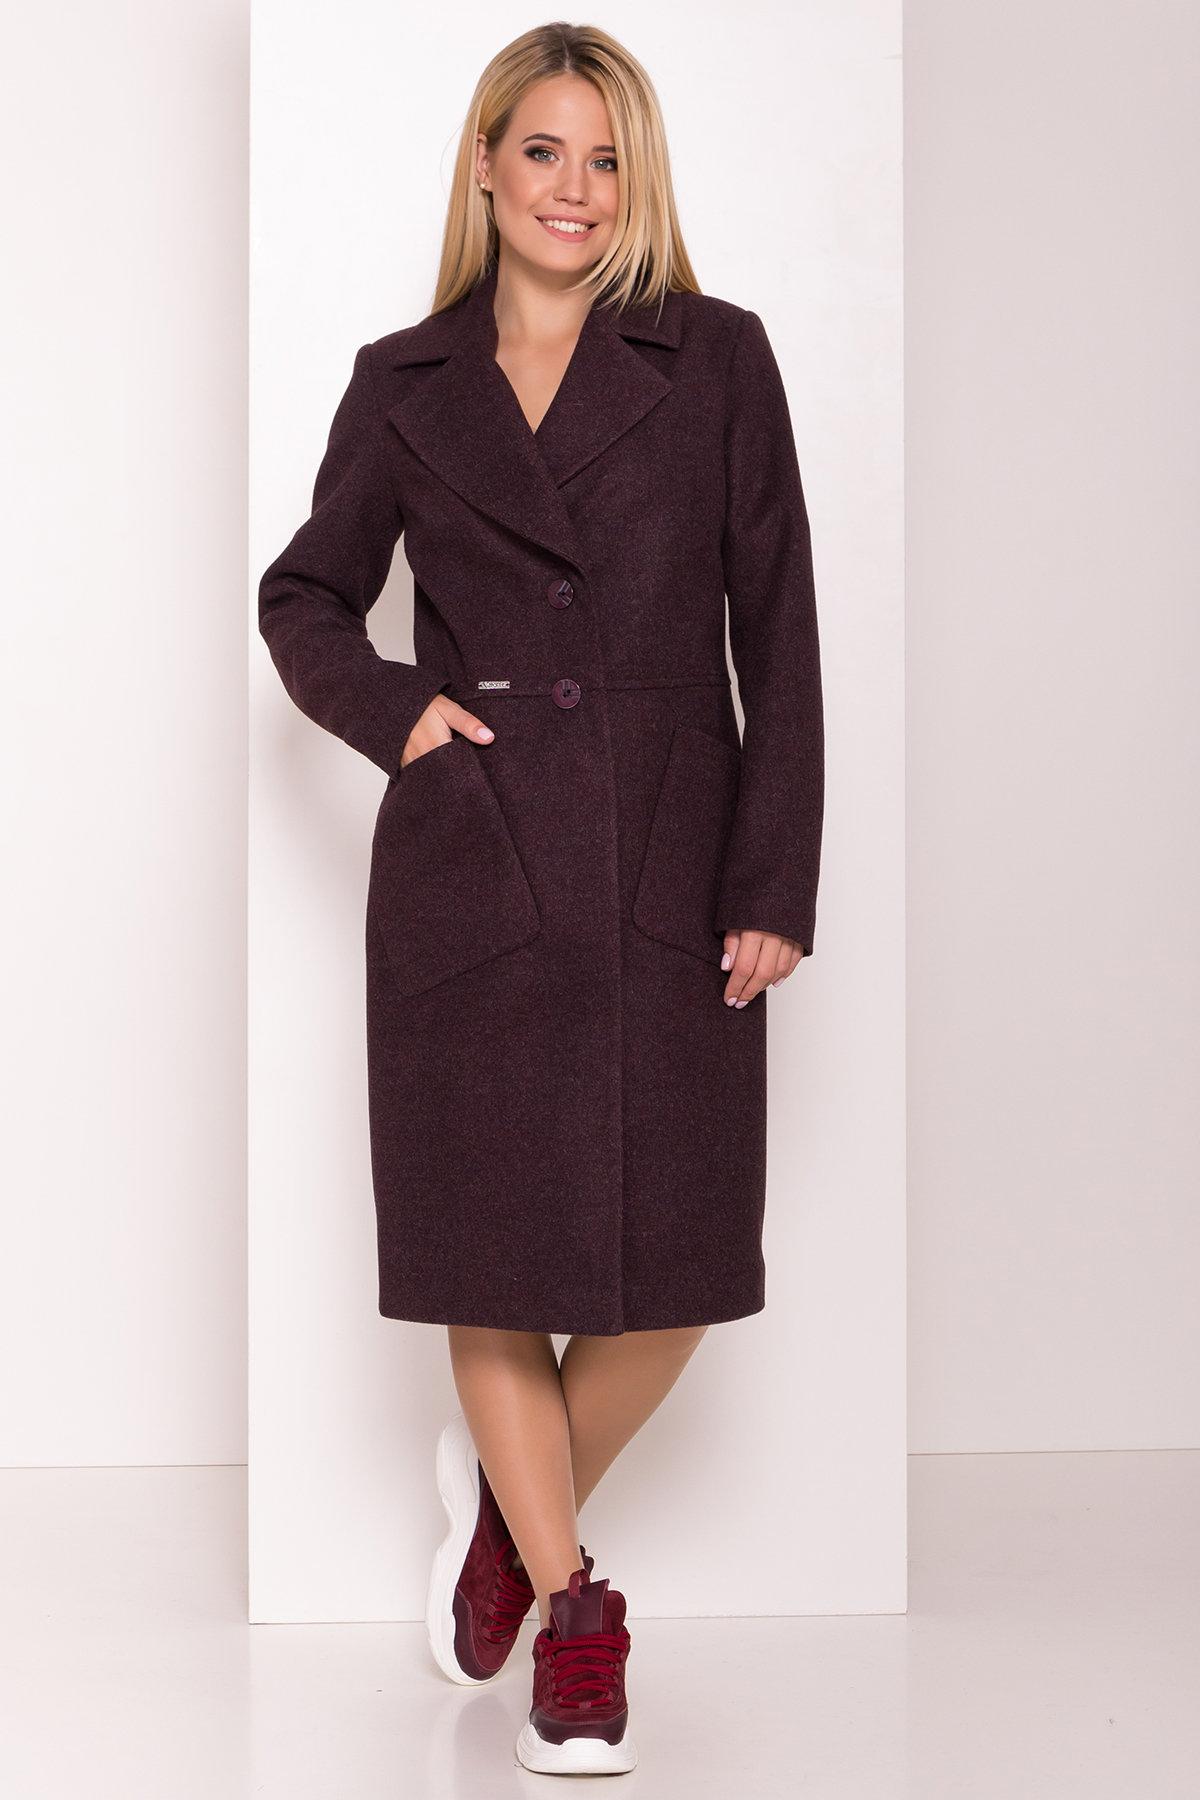 Классическое пальто Габриэлла 7872 АРТ. 43798 Цвет: Марсала 5 - фото 3, интернет магазин tm-modus.ru